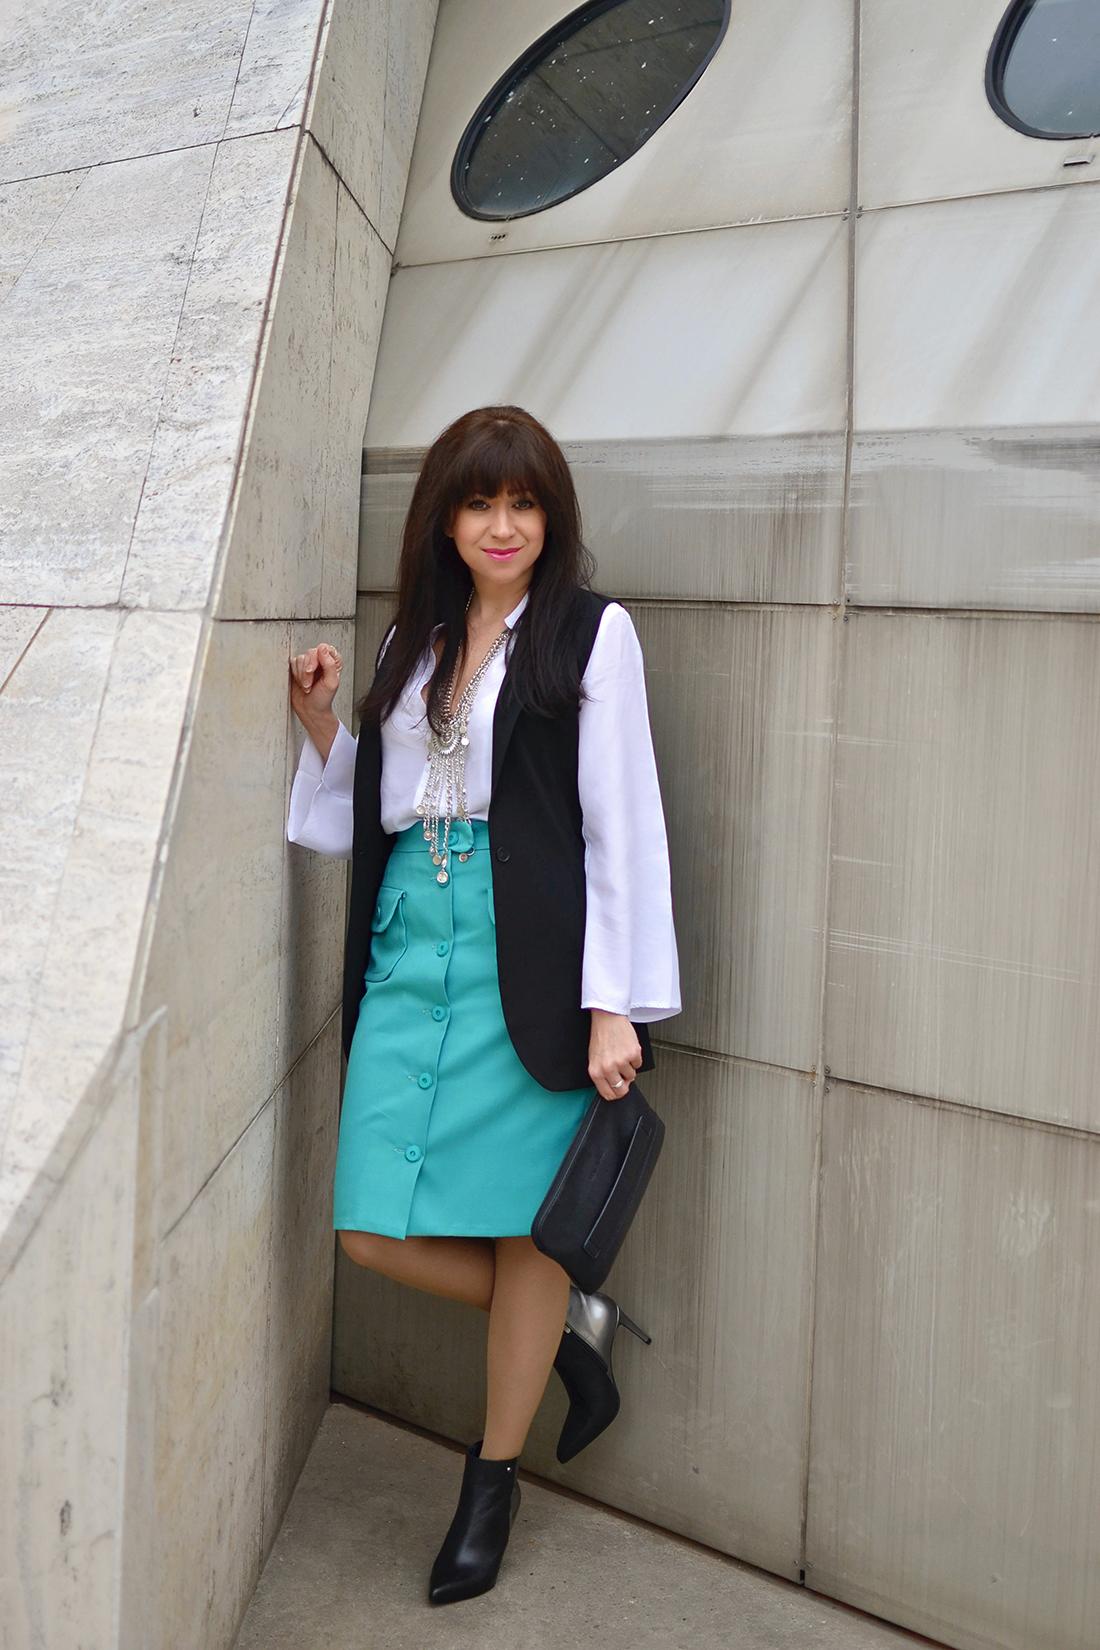 Biela blúzka so zvonovými rukávmi_Katharine-fashion is beautiful_blog 7_Biela blúzka_Čierna vesta_Katarína Jakubčová_Fashion blogger